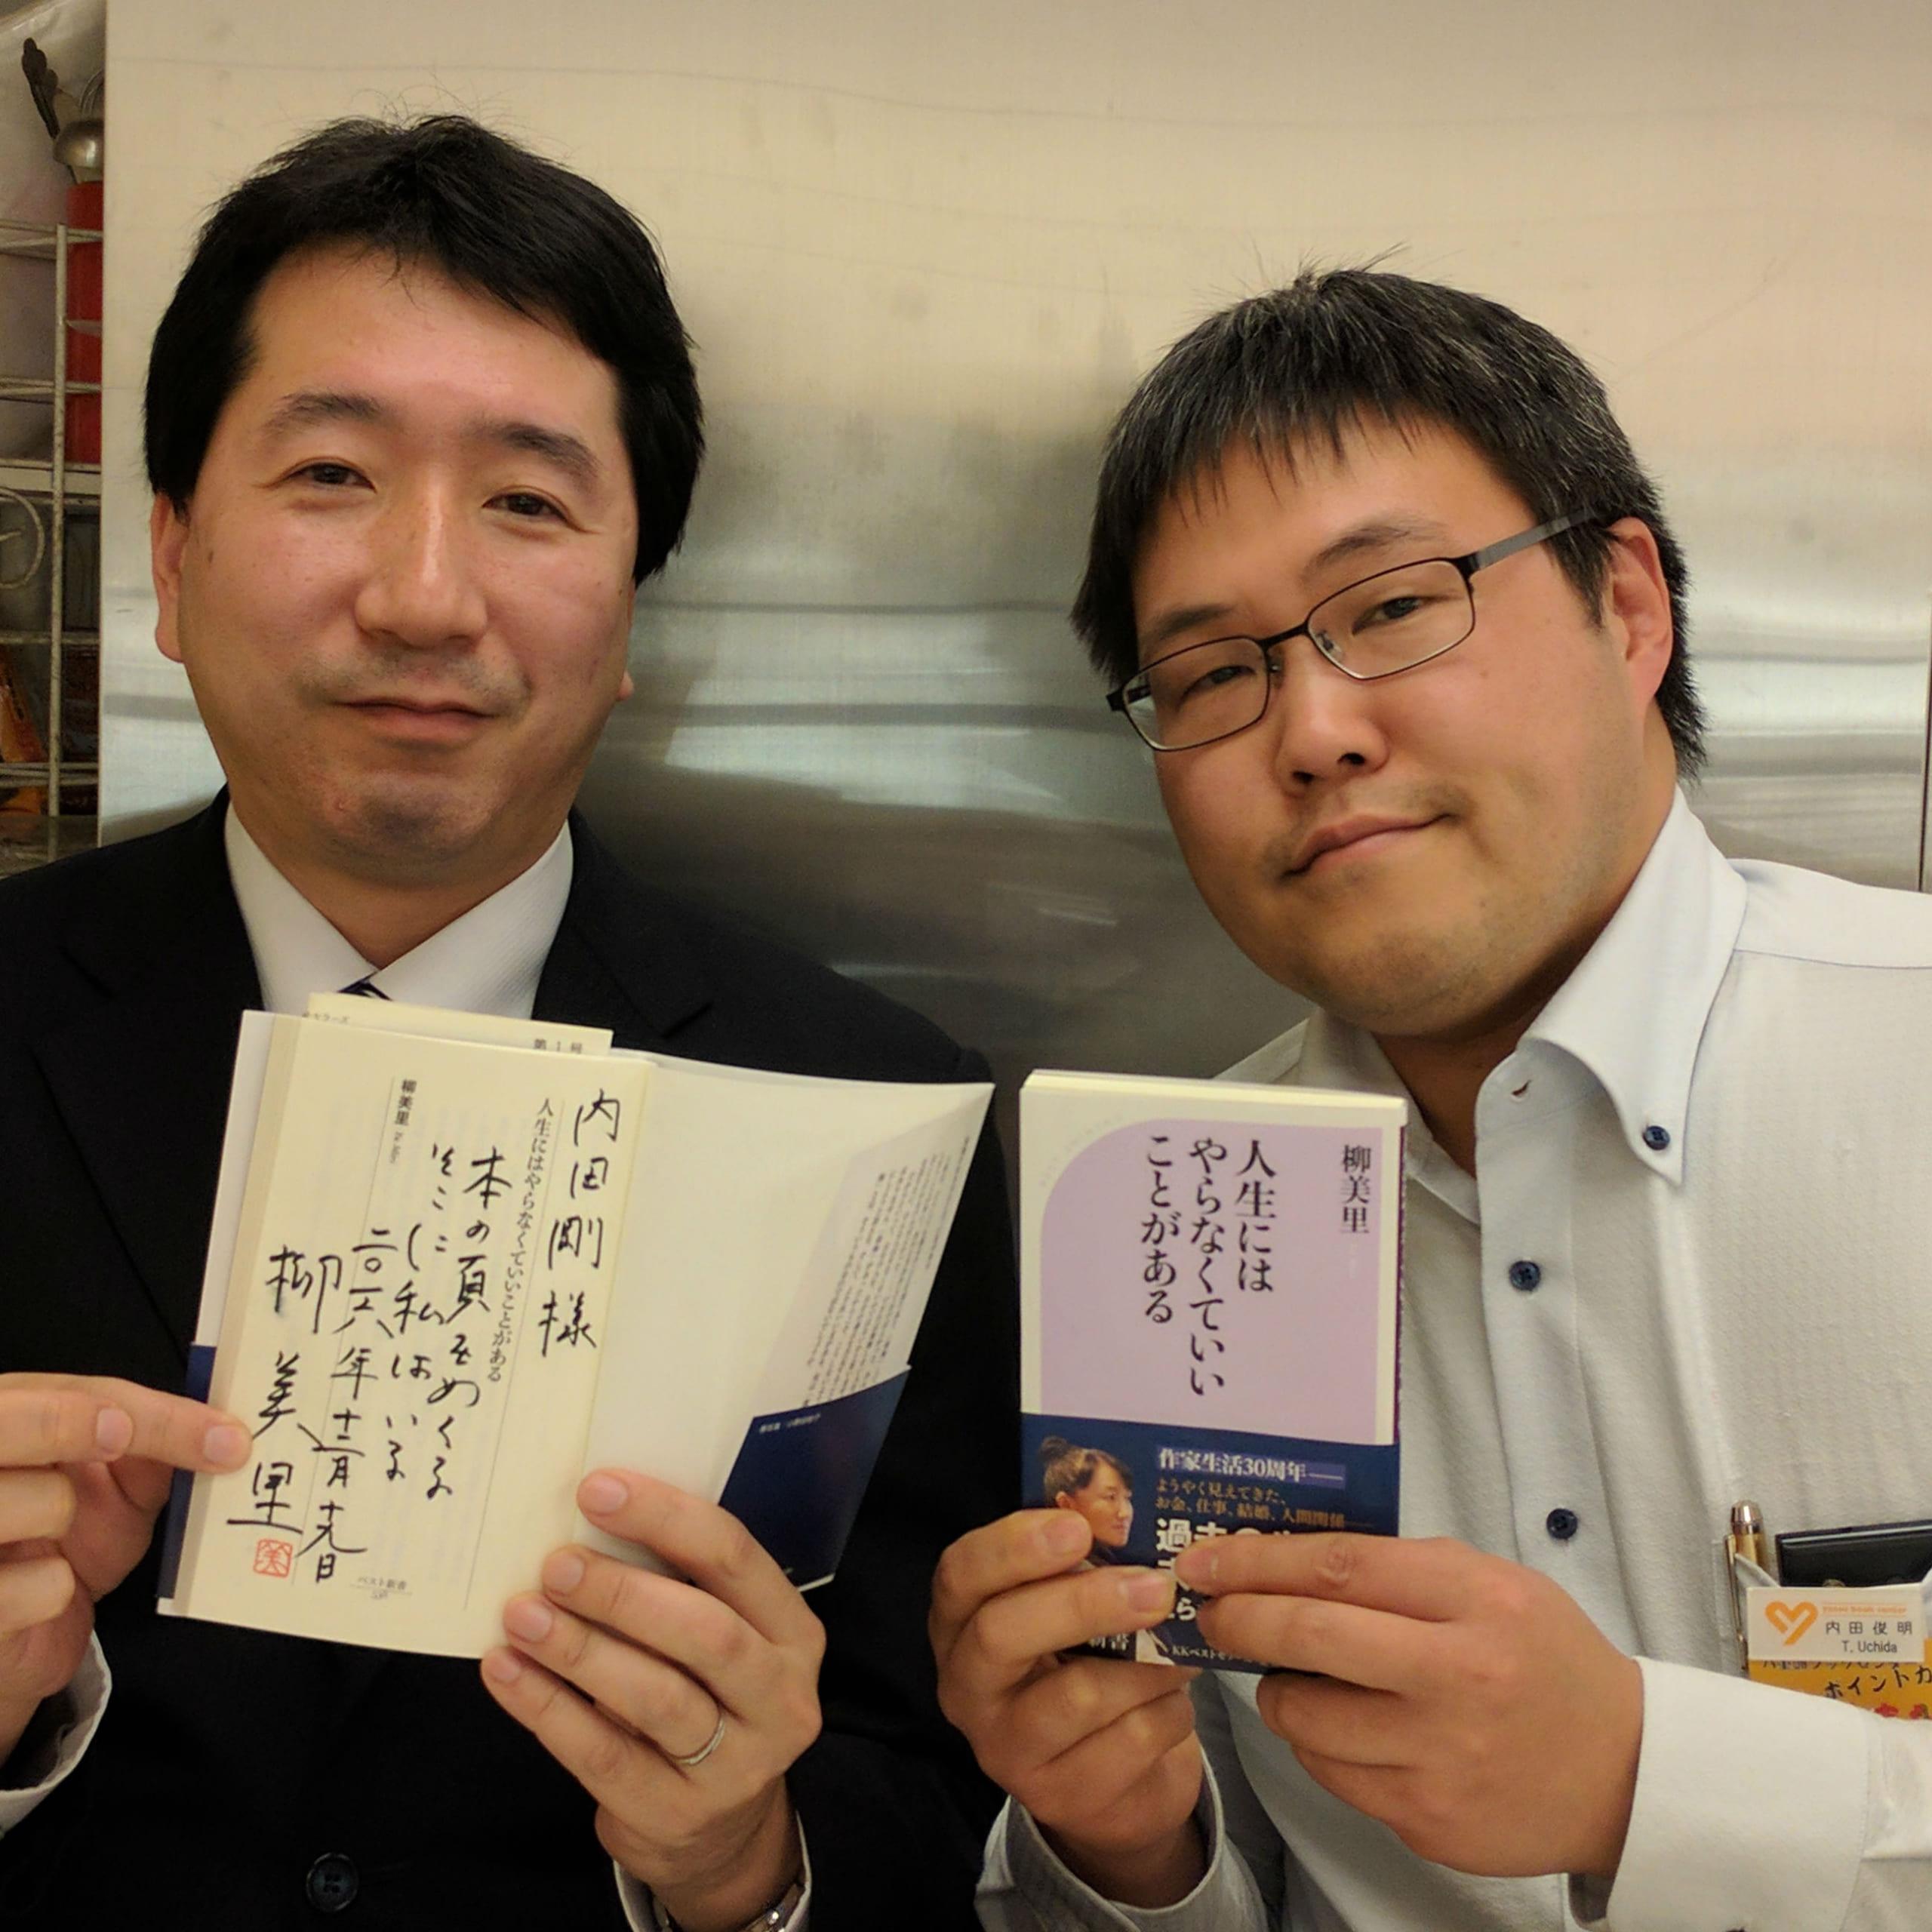 ふたりのカリスマ書店員が語り合った、柳美里という作家